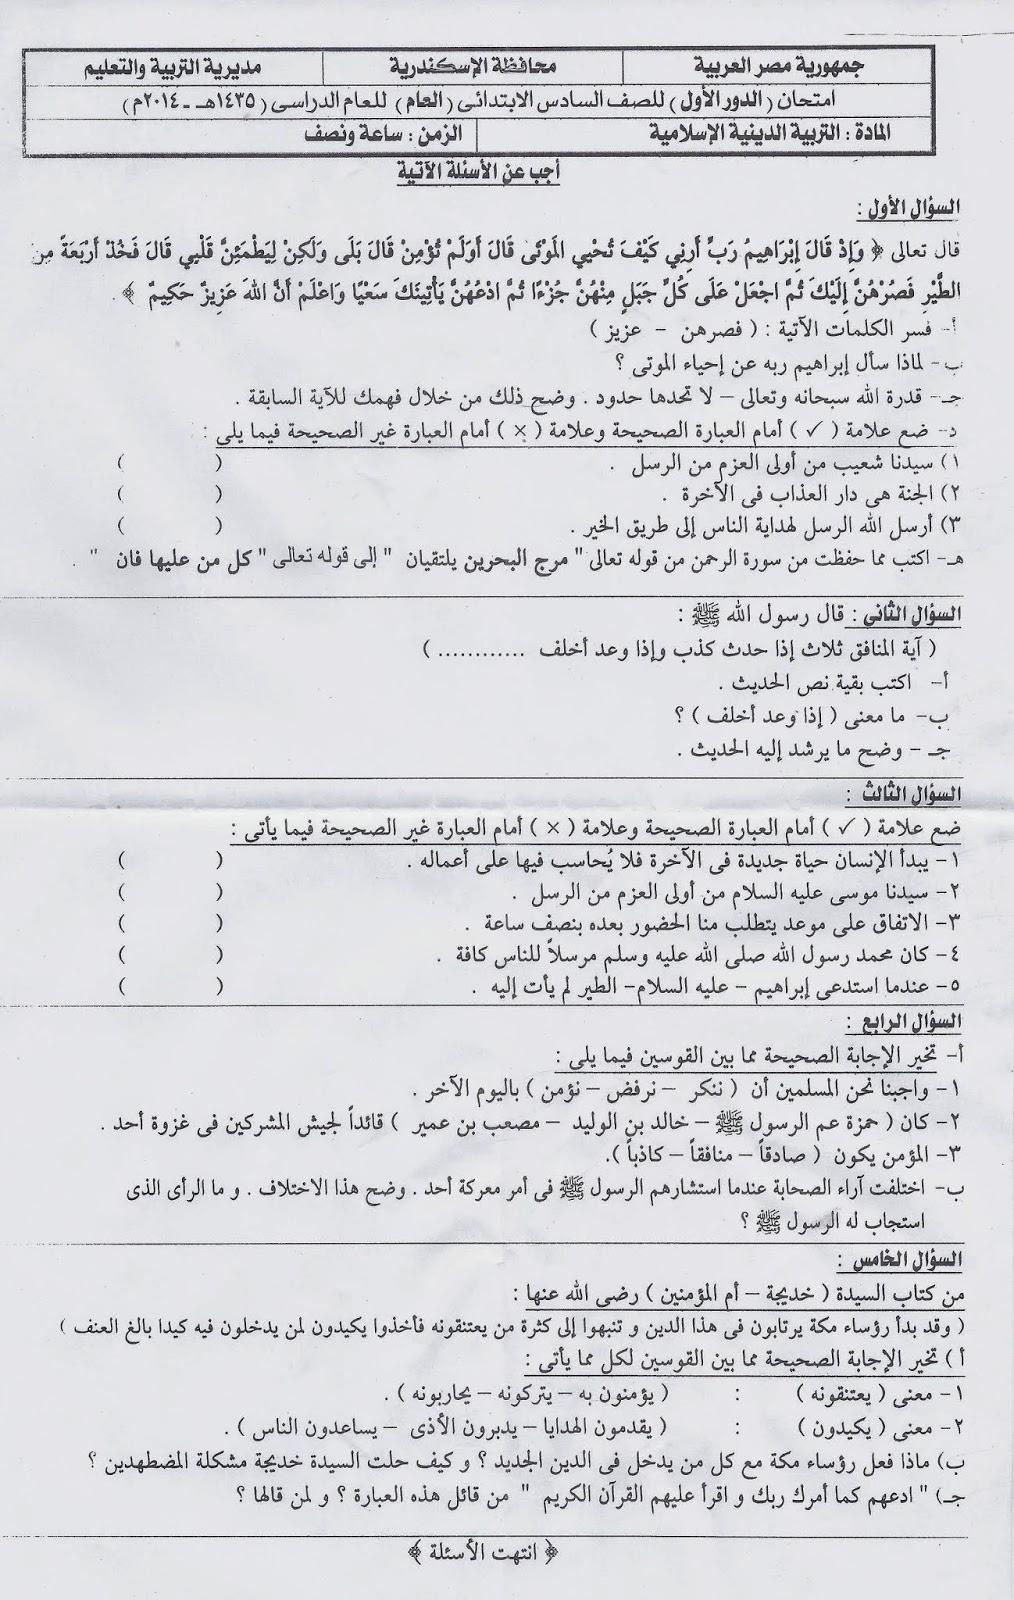 امتحان التربية الدينية للصف السادس الابتدائى الترم الثانى 2014 محافظة اسكندرية scan0005.jpg